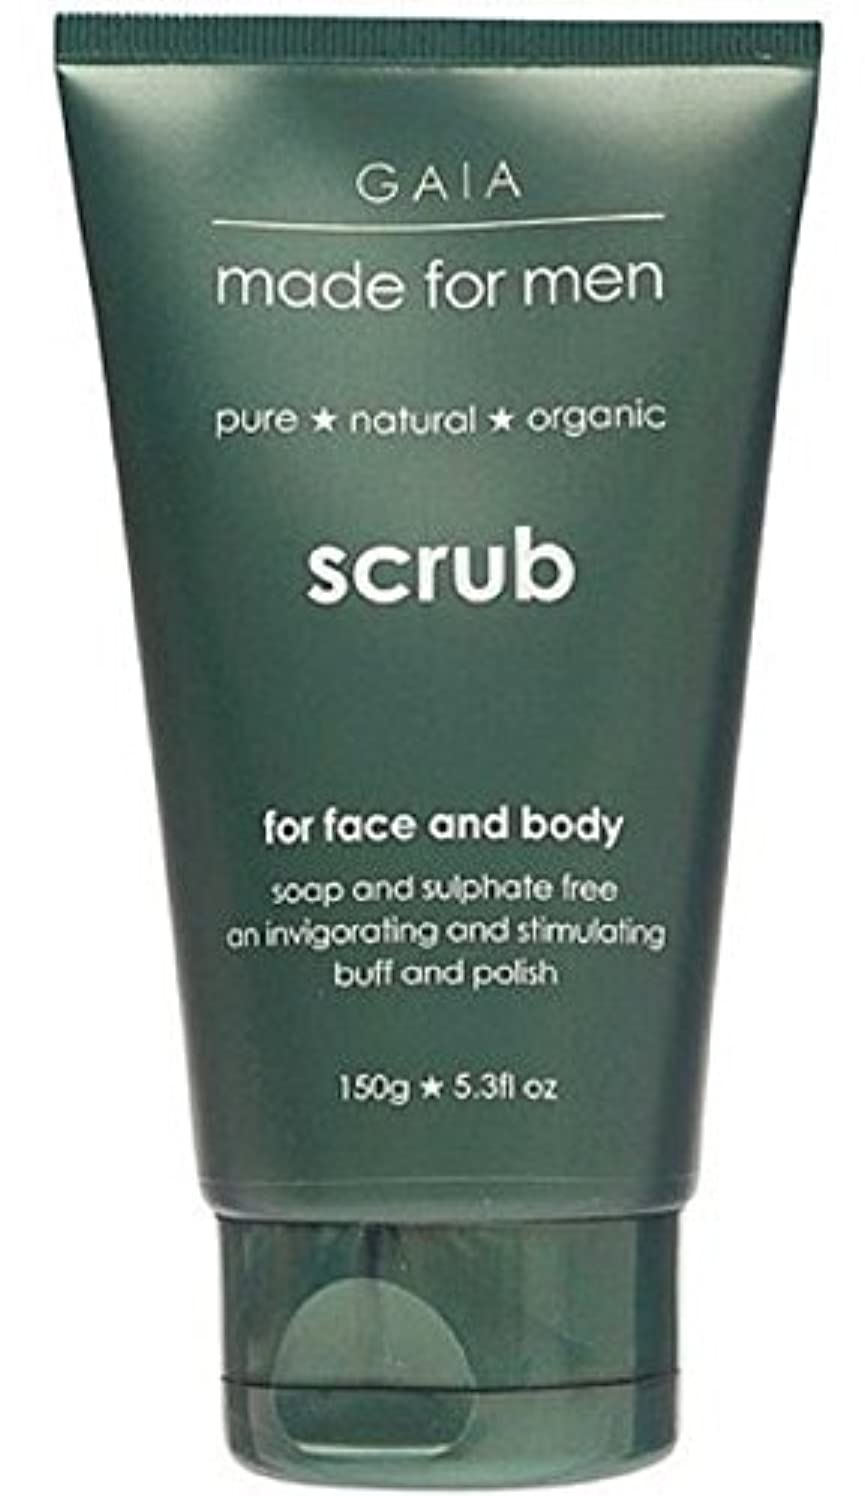 雨家優しい【GAIA】Face & Body Scrub made for men ガイア メンズ フェイス&ボディスクラブ 150g